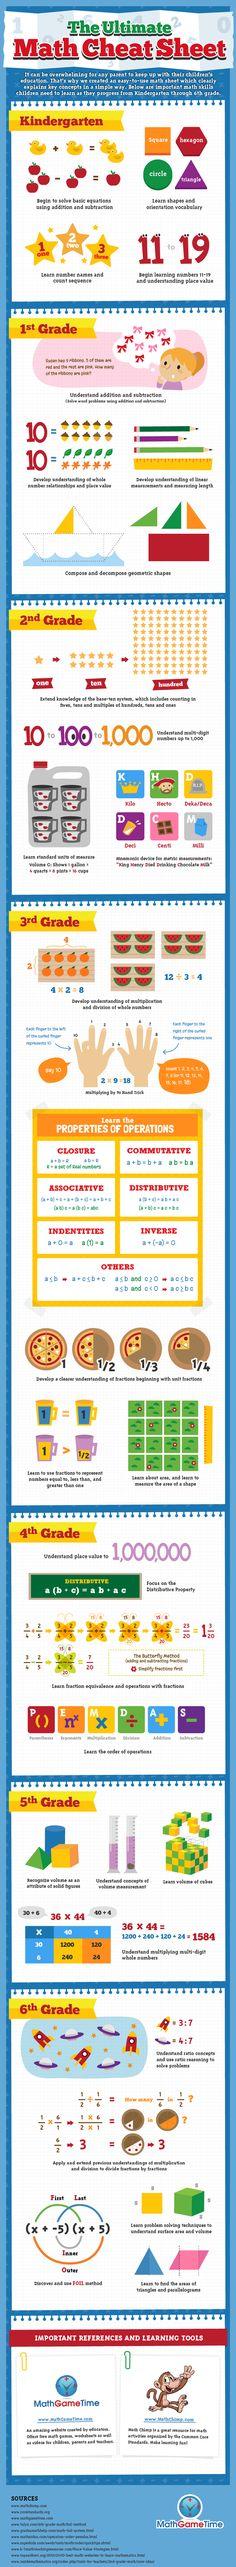 Math Cheat Sheet - Math Skills Children Learn K-6